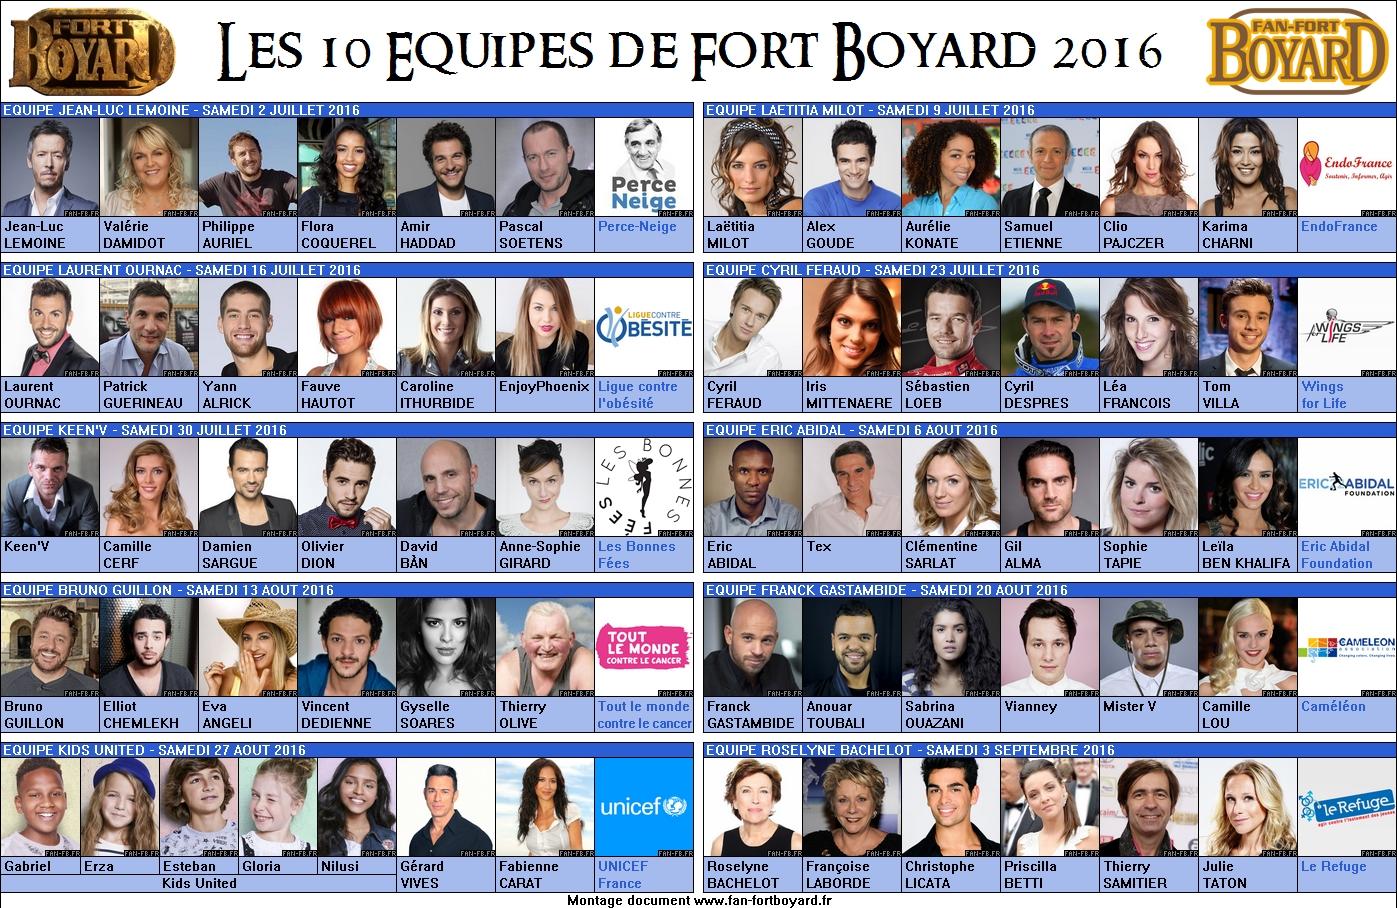 Fort Boyard 2016 - Les 10 équipes de la 27e saison